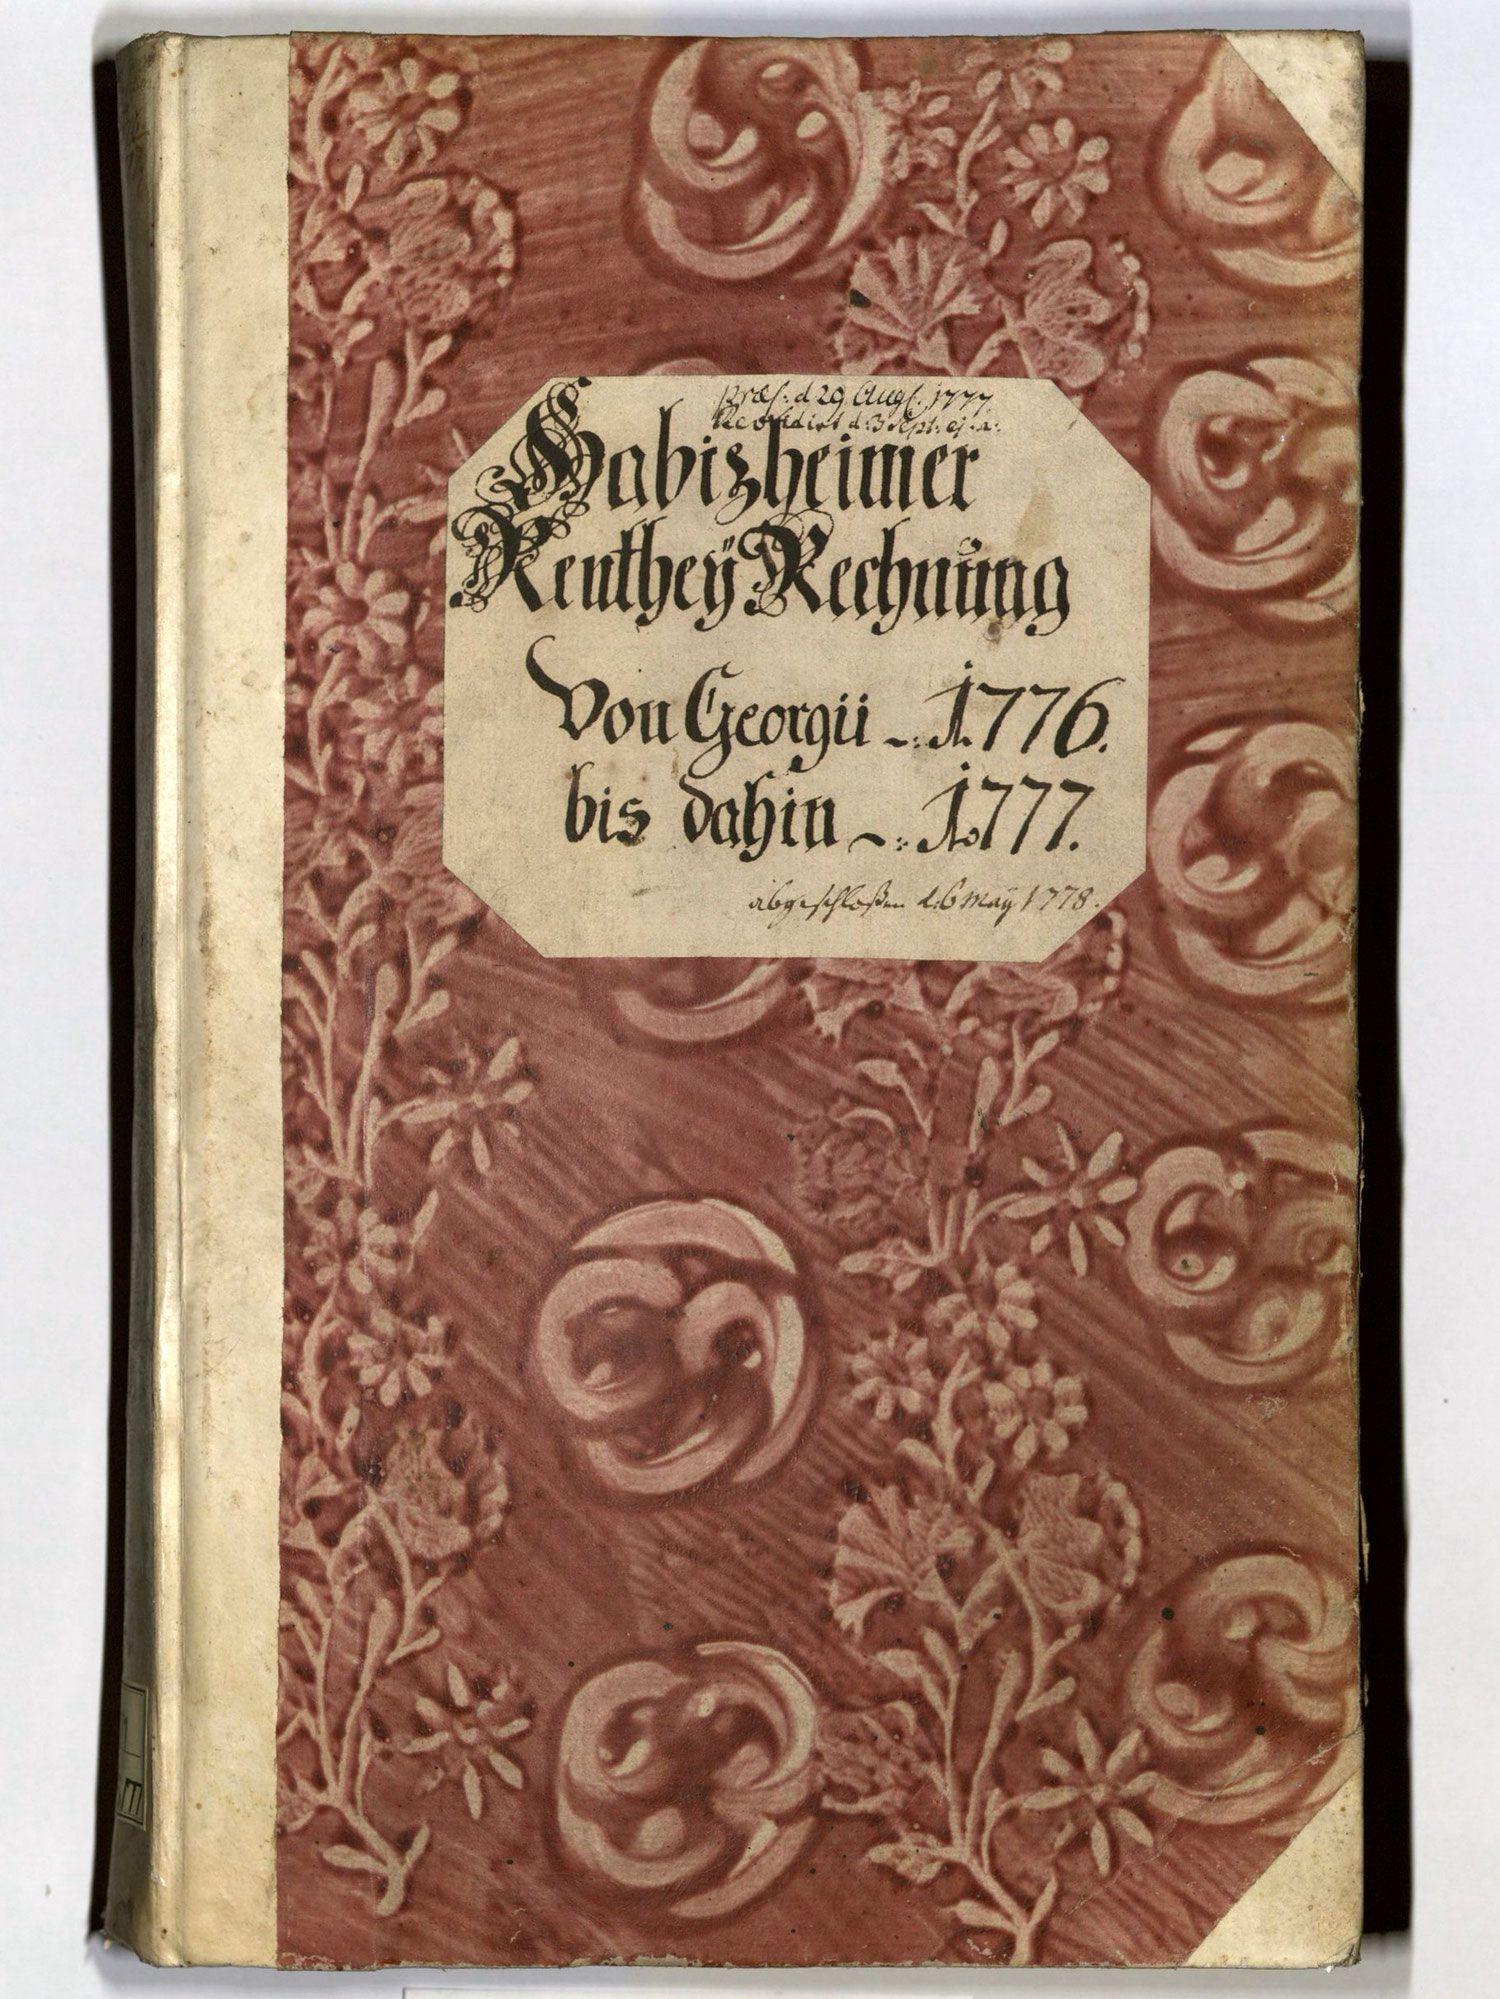 Kleisterpapier mit Verdrängungsdekor, Quelle: Archivverbund Main